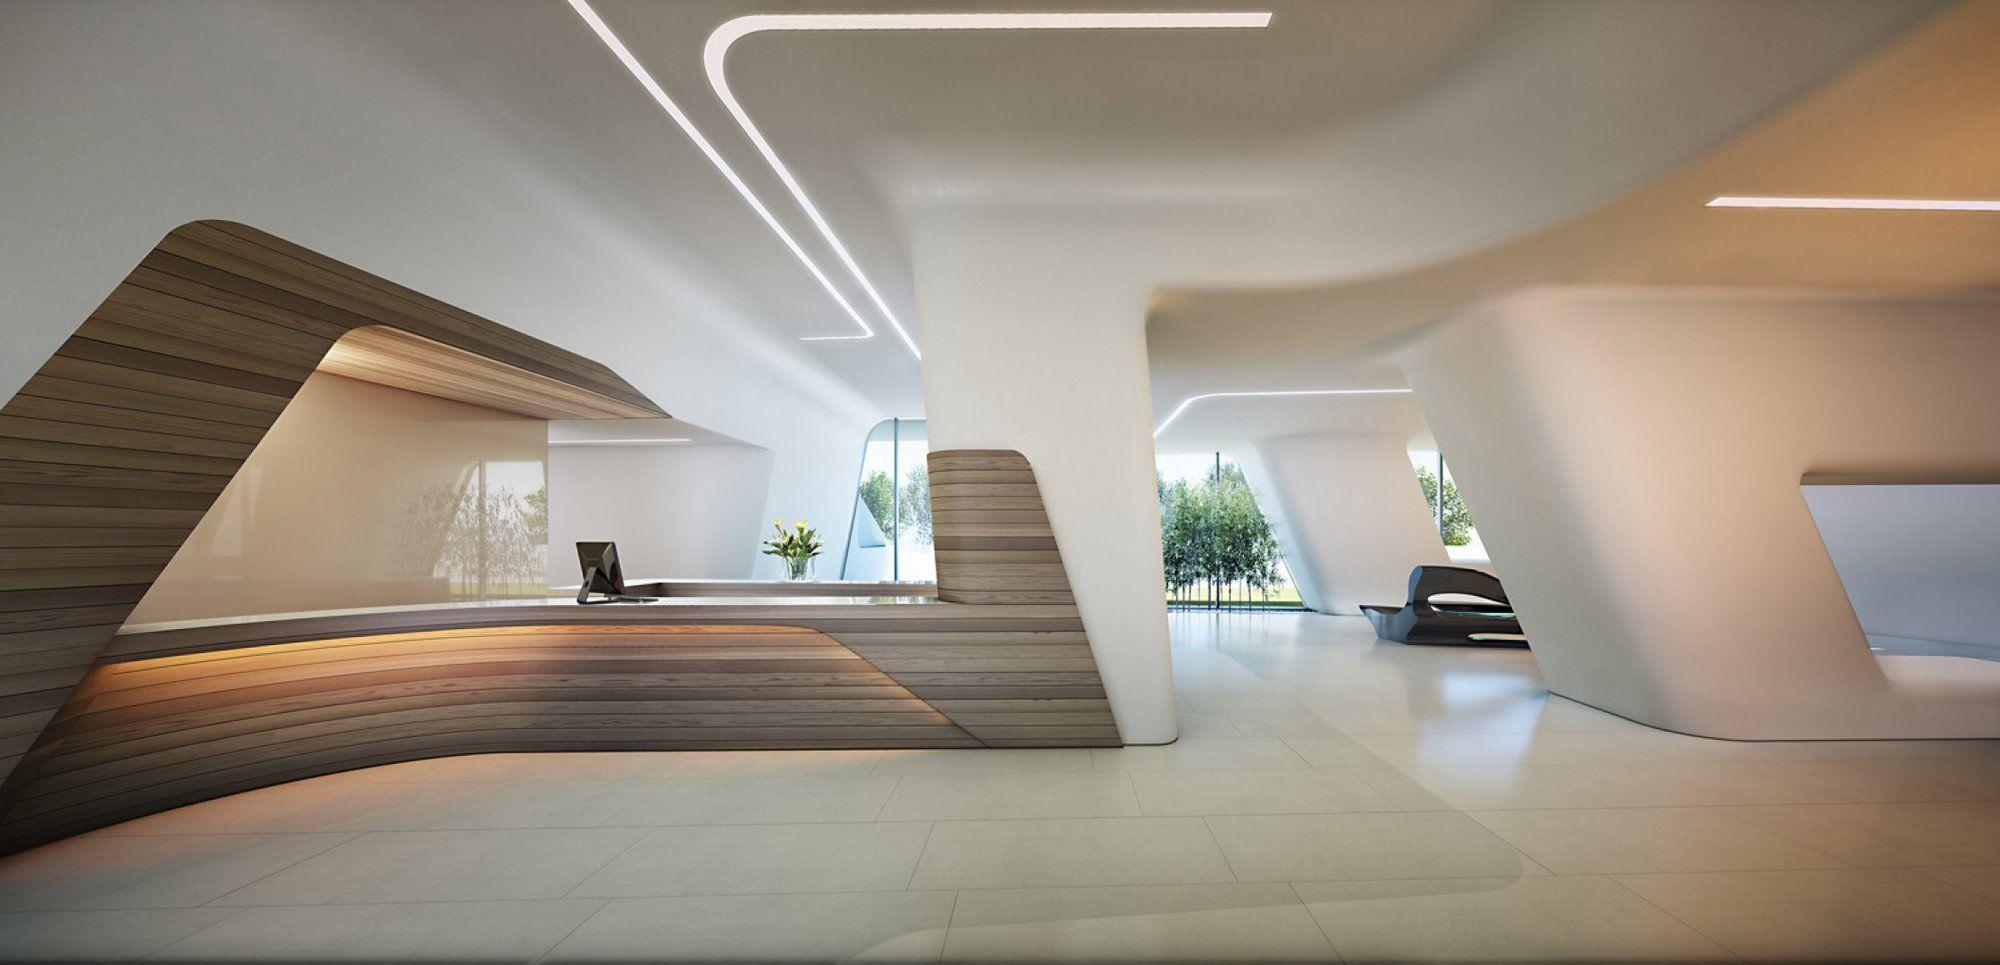 Milan Citylife Zaha Hadid Google Search Arquitectos Zaha Hadid